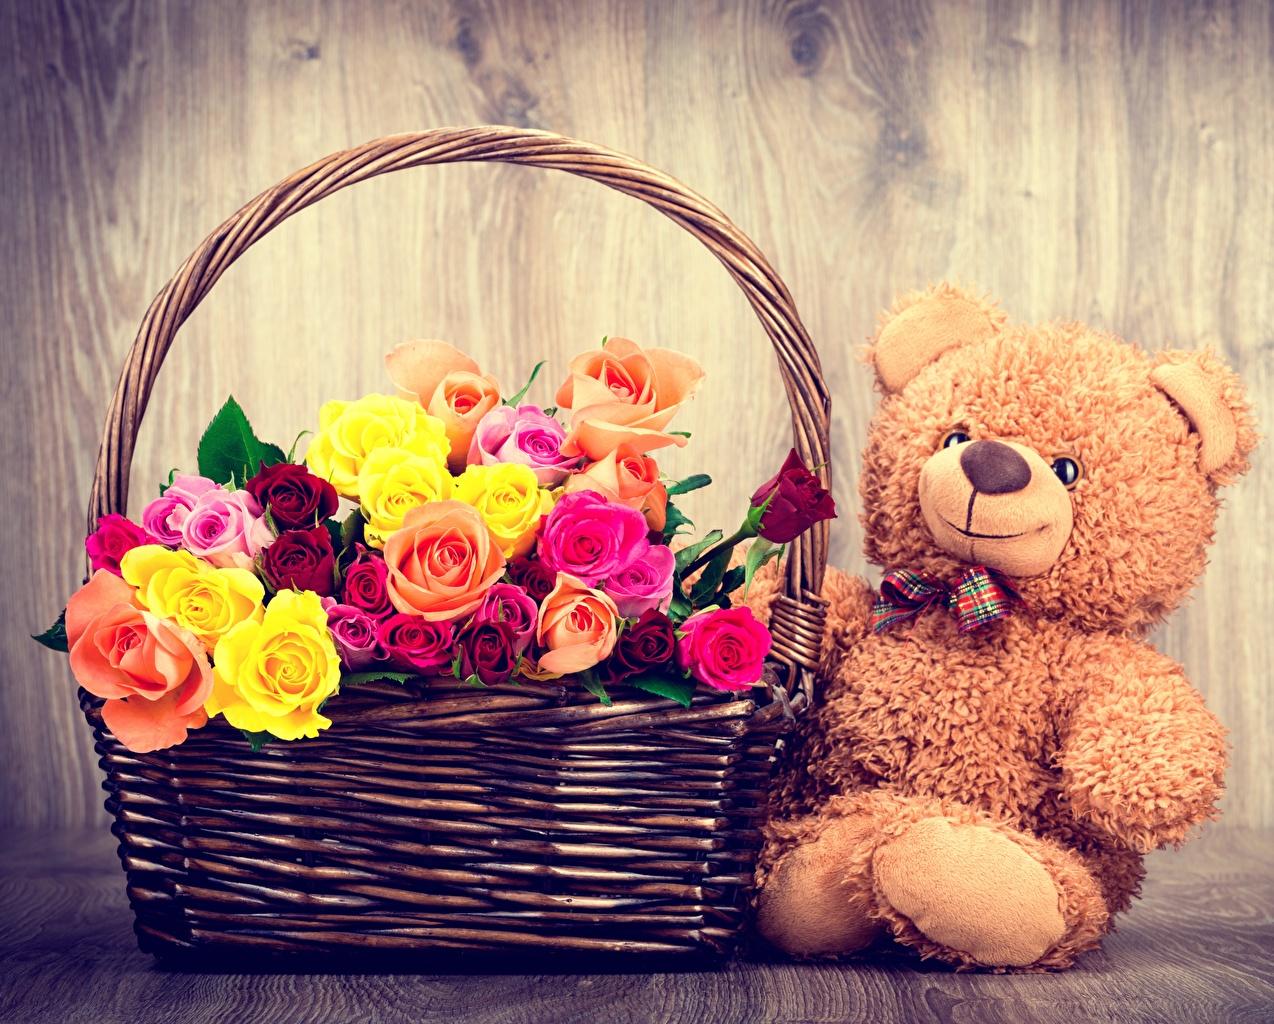 Фото Розы Цветы Корзина Плюшевый мишка Мишки корзины Корзинка